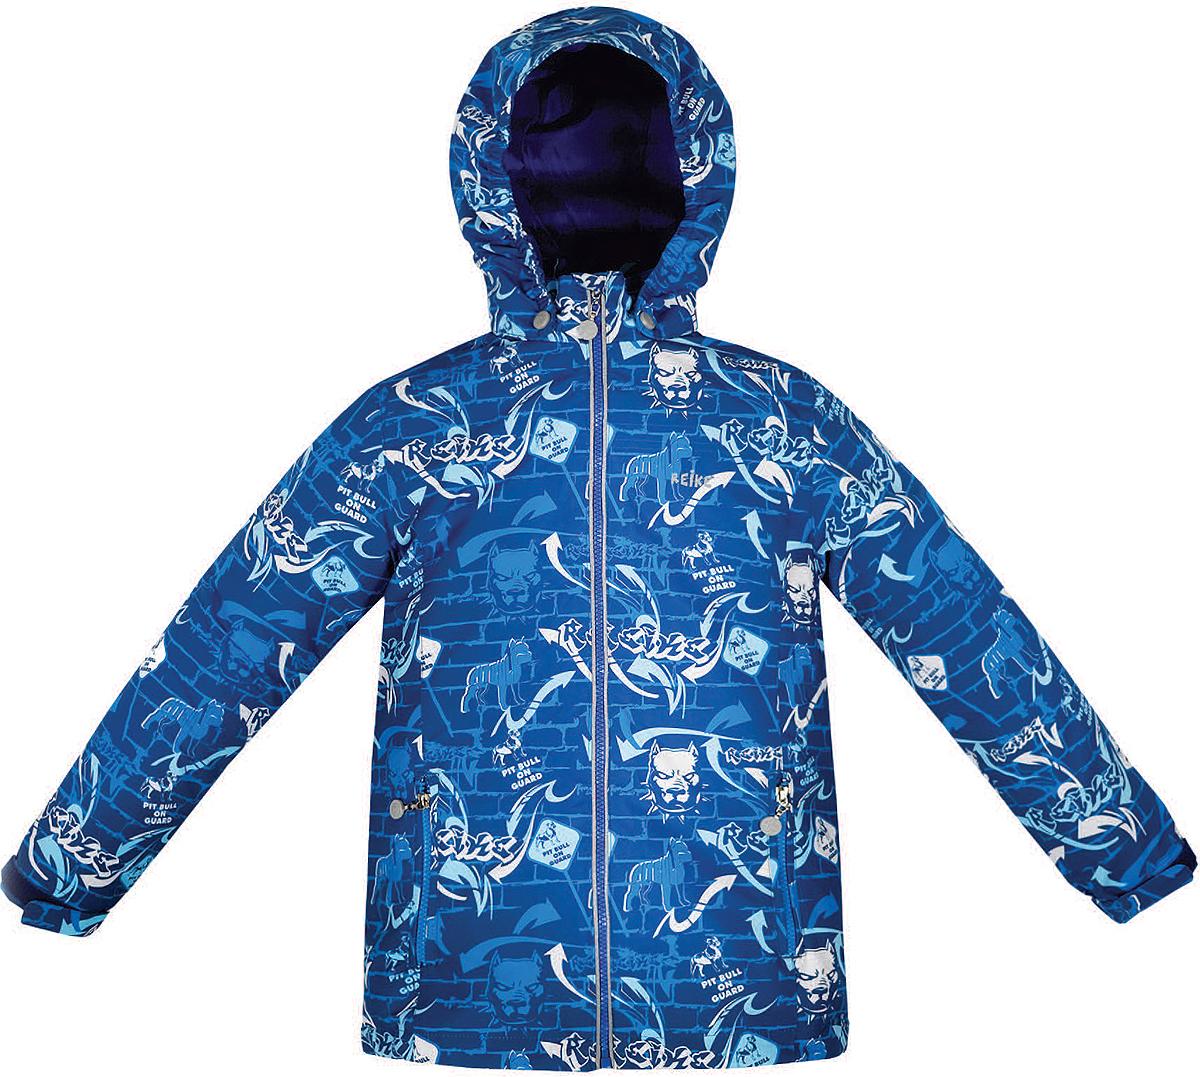 Куртка для мальчика Reike Питбуль, цвет: синий. 36941220. Размер 146, 11 лет36 941 220_Pitbull blueСтильная куртка для мальчика Reike Питбуль выполнена из ветрозащитного, водоотталкивающего и дышащего мембранного материала с подкладкой из микрофлиса. Модель с воротником-стойкой, защищающим от ветра, застегивается на молнию с защитой подбородка и оформлена молодежным принтом в стиле серии. Манжеты рукавов на резинке дополнительно регулируются с помощью липучек. Модель дополнена съемным капюшоном, утянутым резинкой, двумя прорезными карманами на молниях и светоотражающими элементами на спине. Особенности изделия:- базовый уровень; - коэффициент воздухопроницаемости: 2000гр/м2/24 ч;- водоотталкивающее покрытие: 2000 мм.